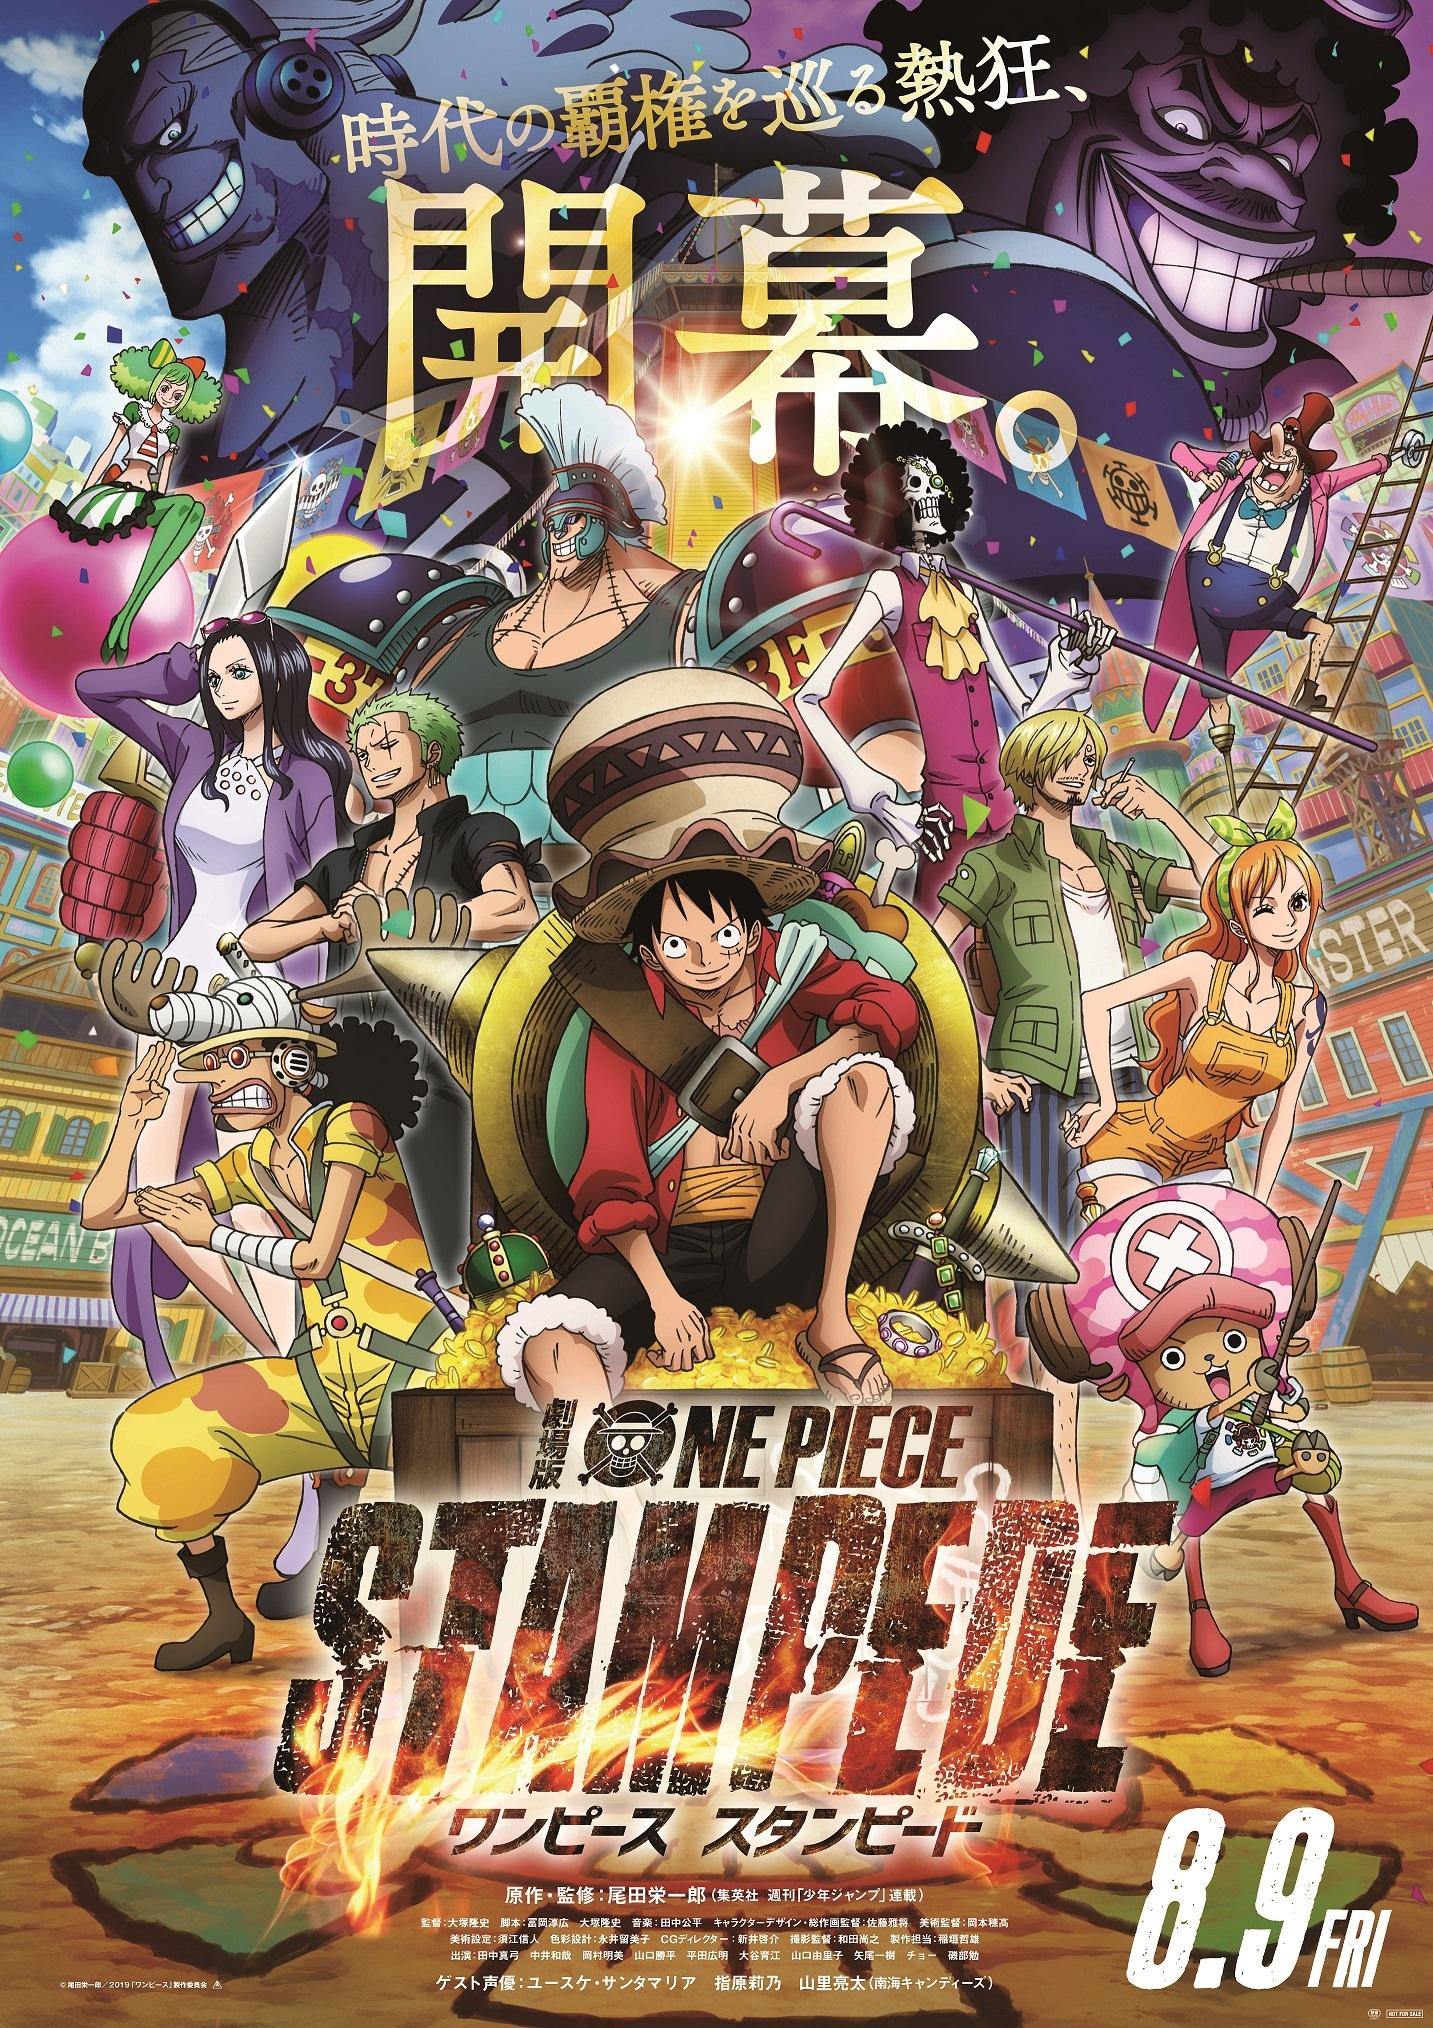 劇場版 One Piece Stampede キャラクター勢揃いのポスター